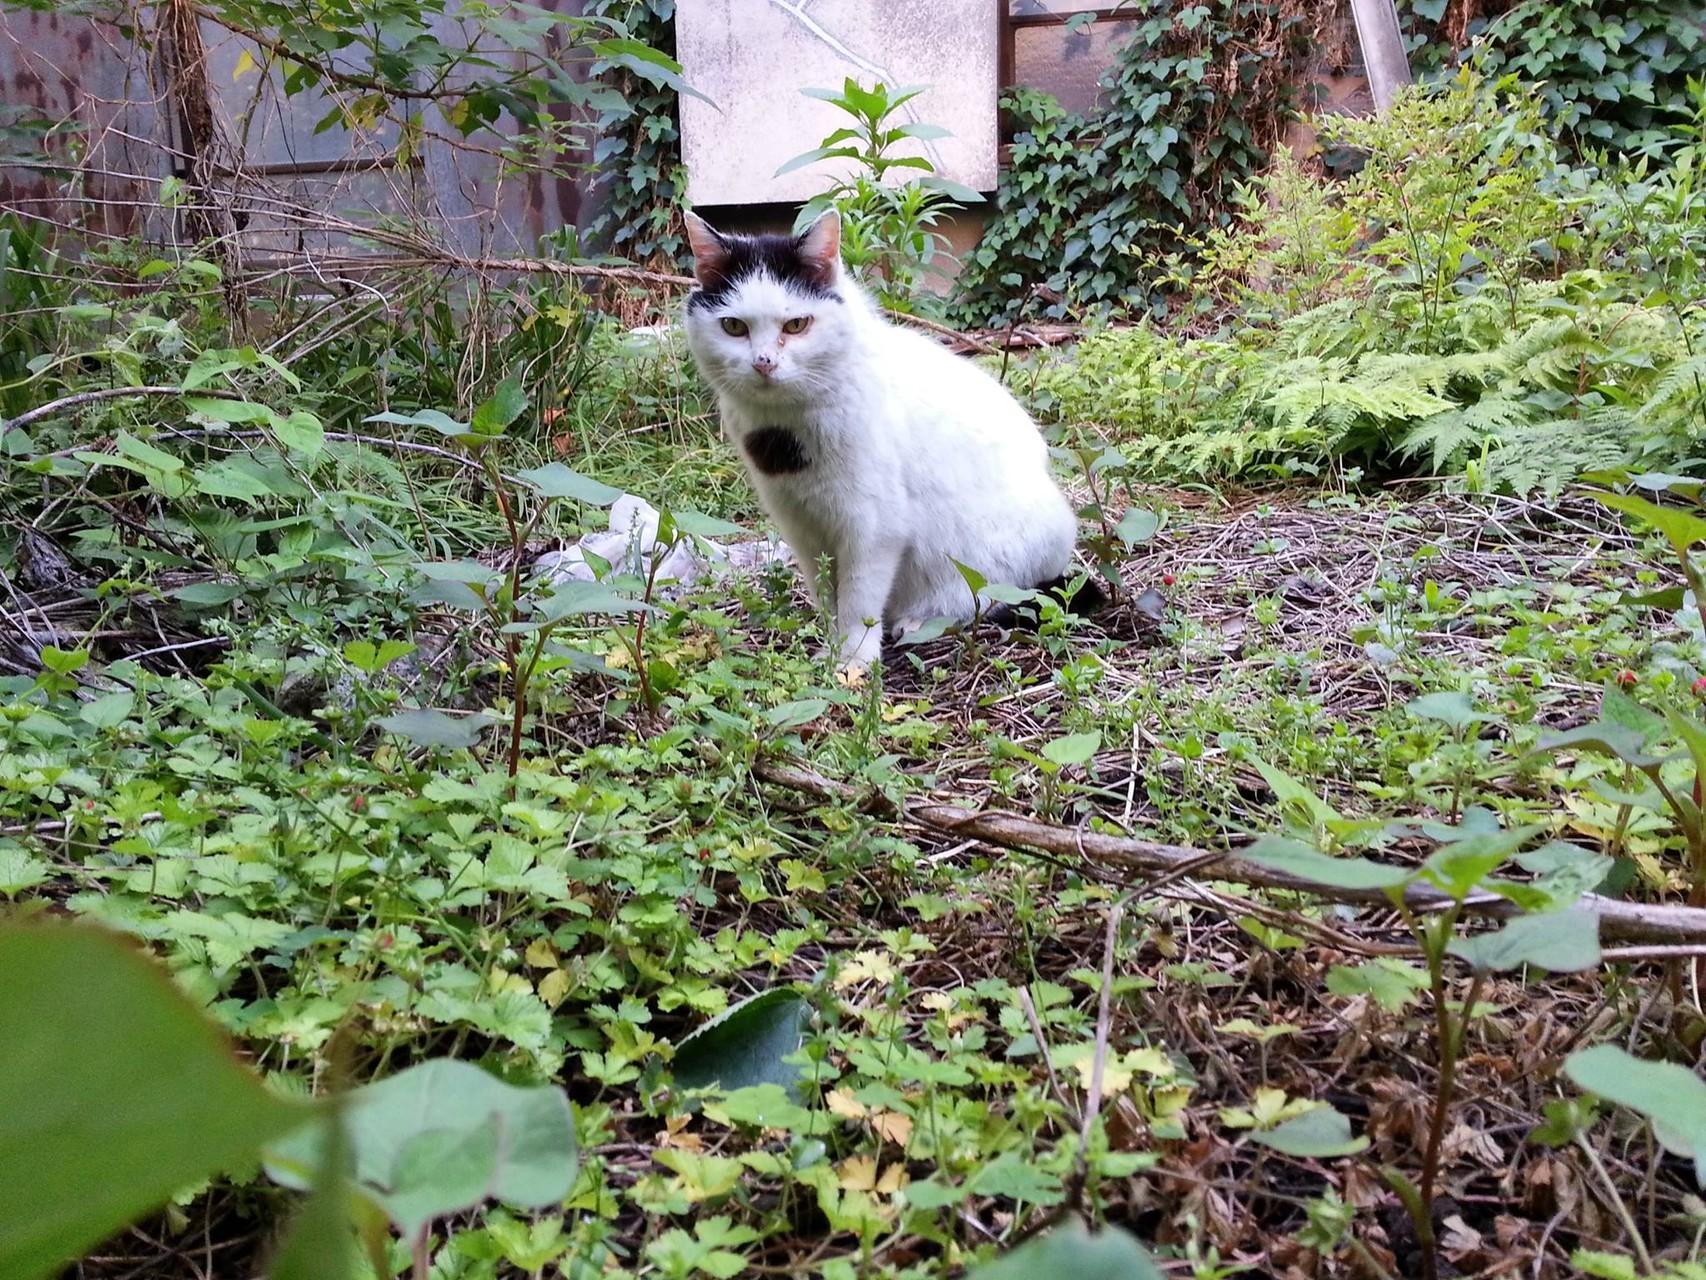 雨上がりのお庭から、おつかれにゃん! 【2014年5月13日】